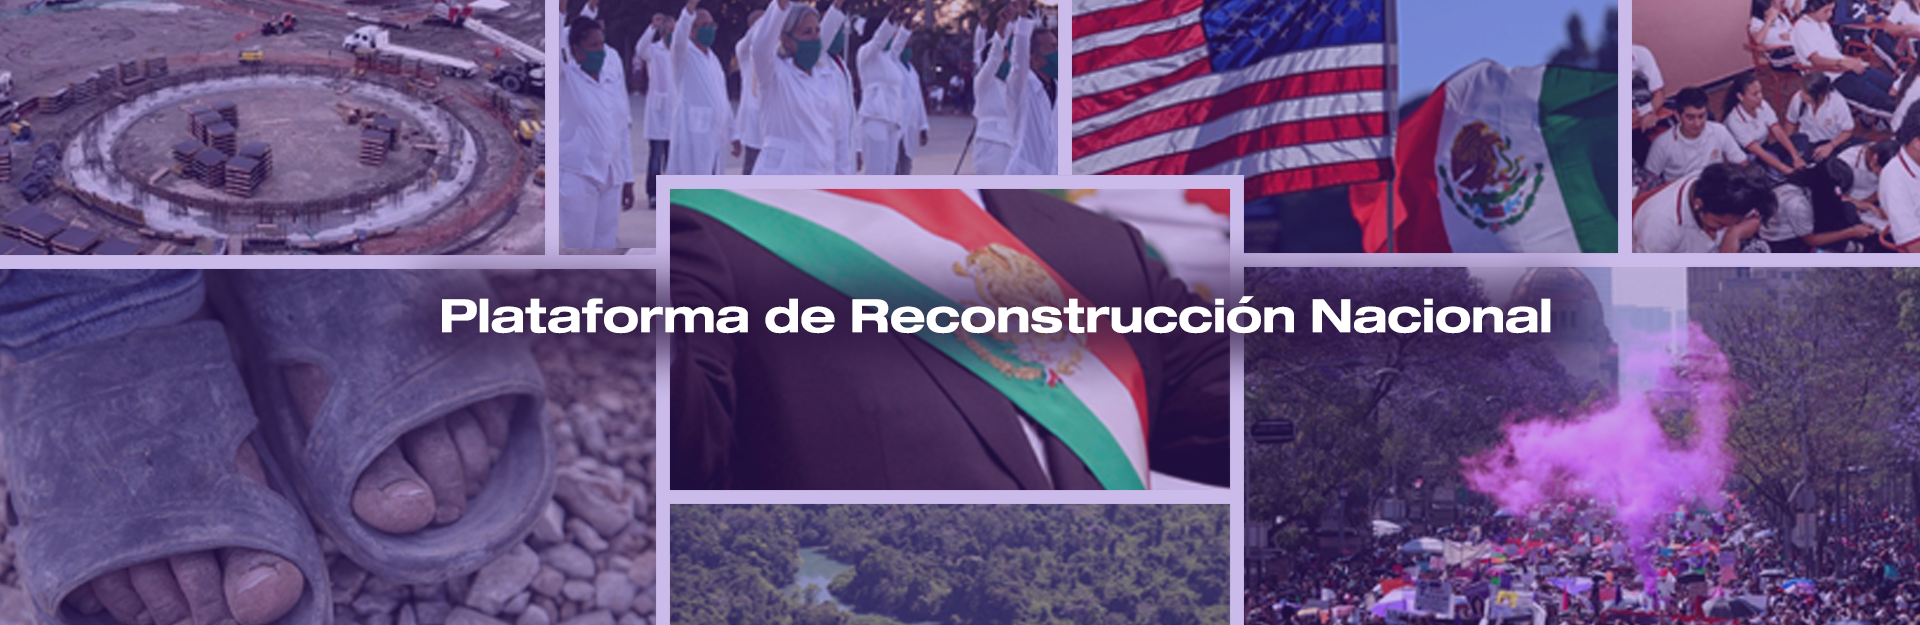 plataforma de reconstrucción nacional Futuro 21